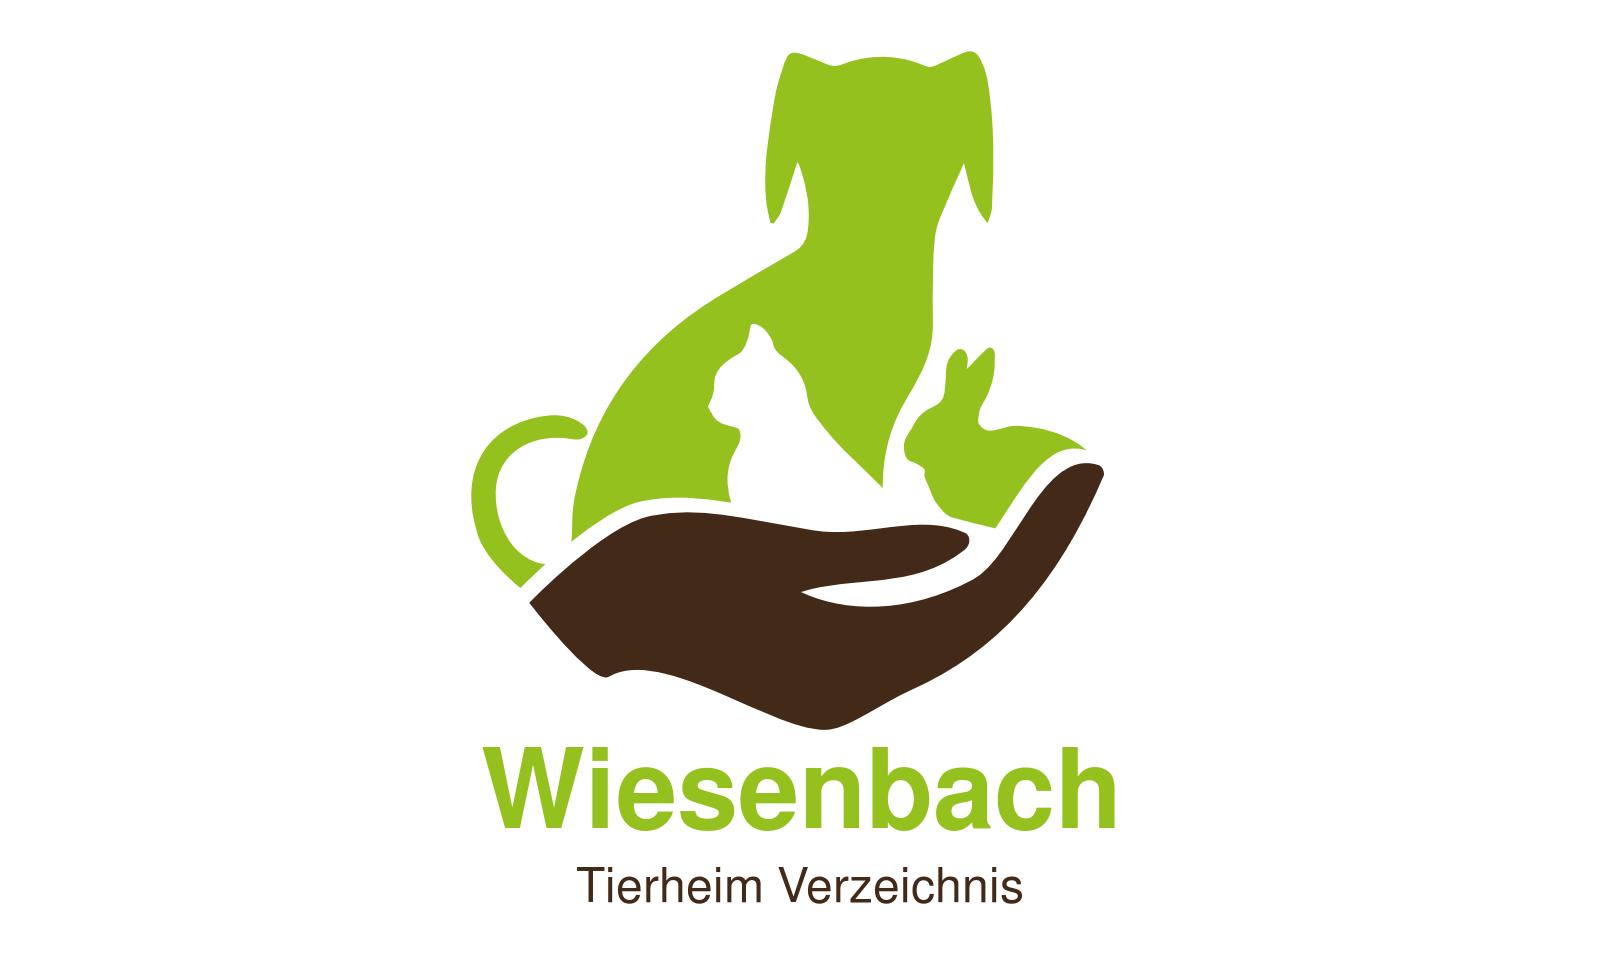 Tierheim Wiesenbach